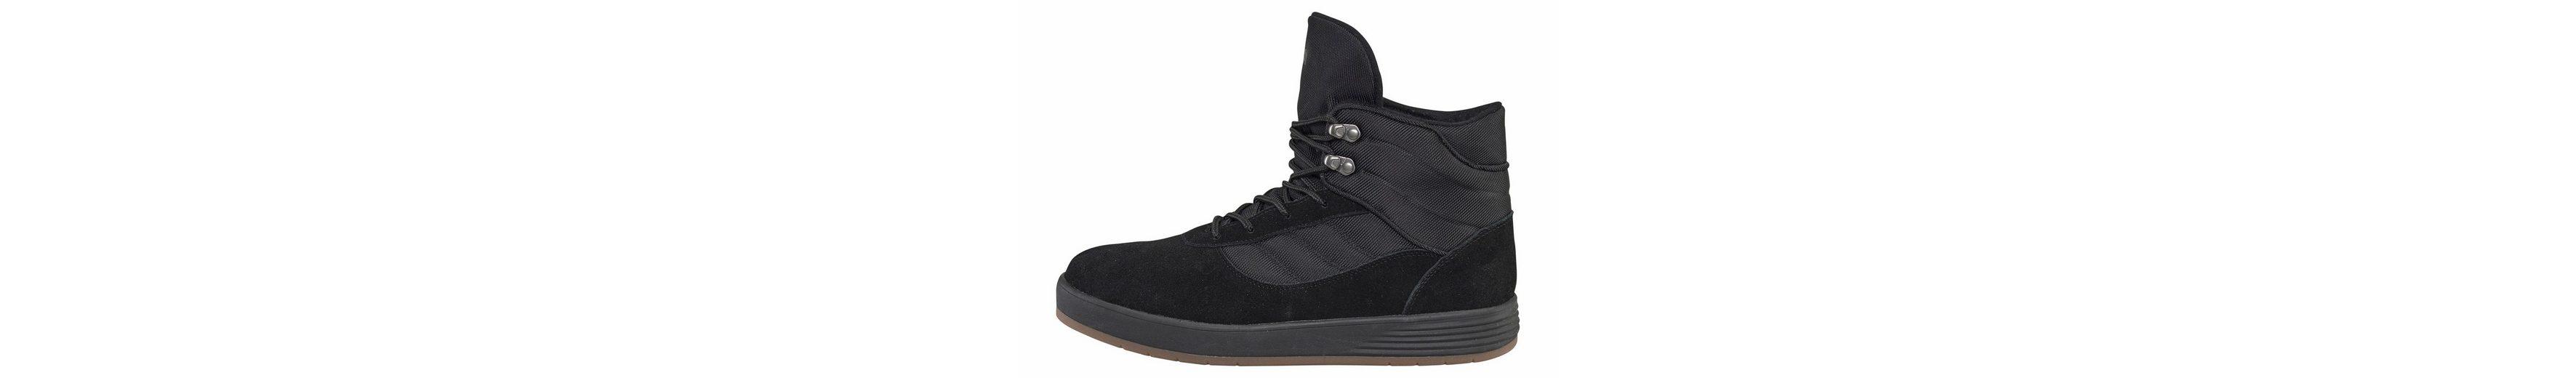 PROJECT DELRAY DLRY250 Men Sneaker Freies Verschiffen-Spielraum Store Bester Verkauf PlmZHNYY